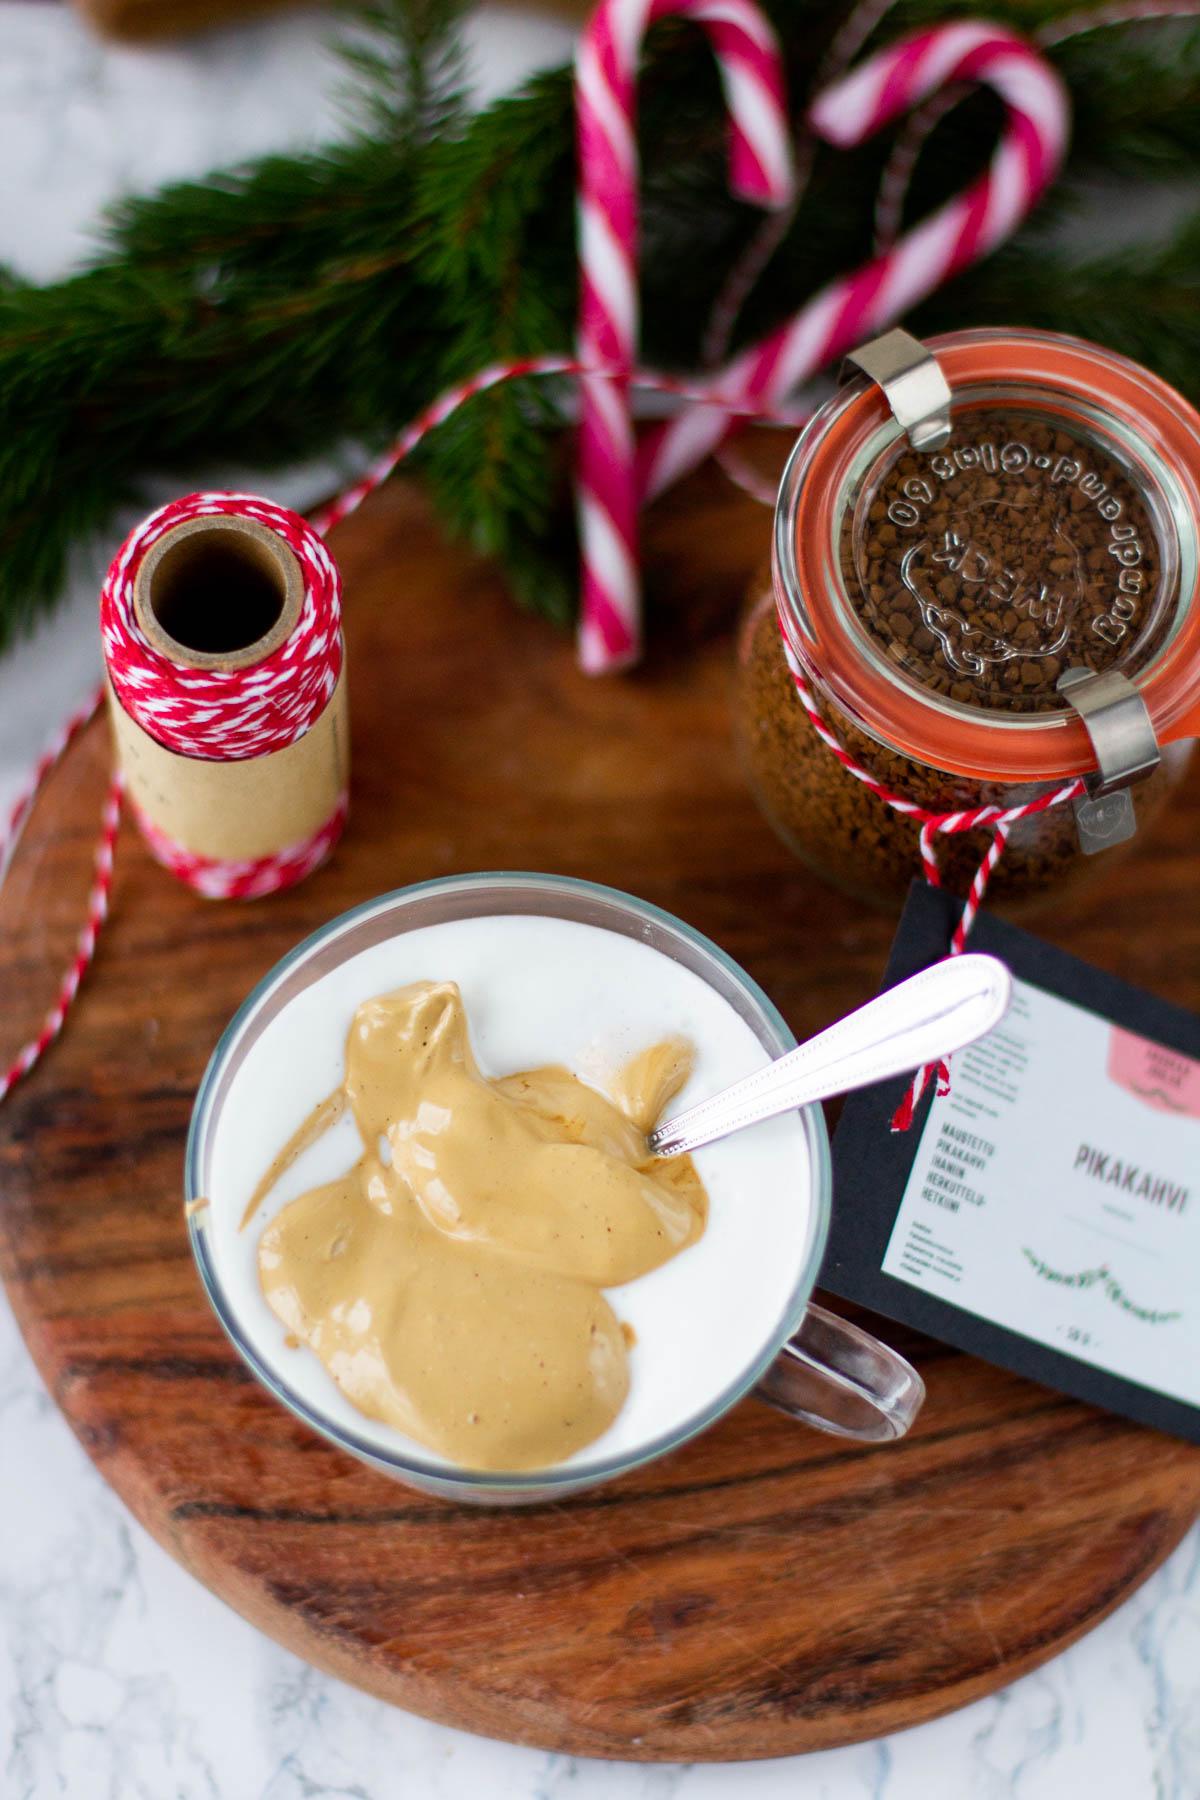 Vaahdotettu kahvi sekoitettuna maitokahviin, kahvivaahto